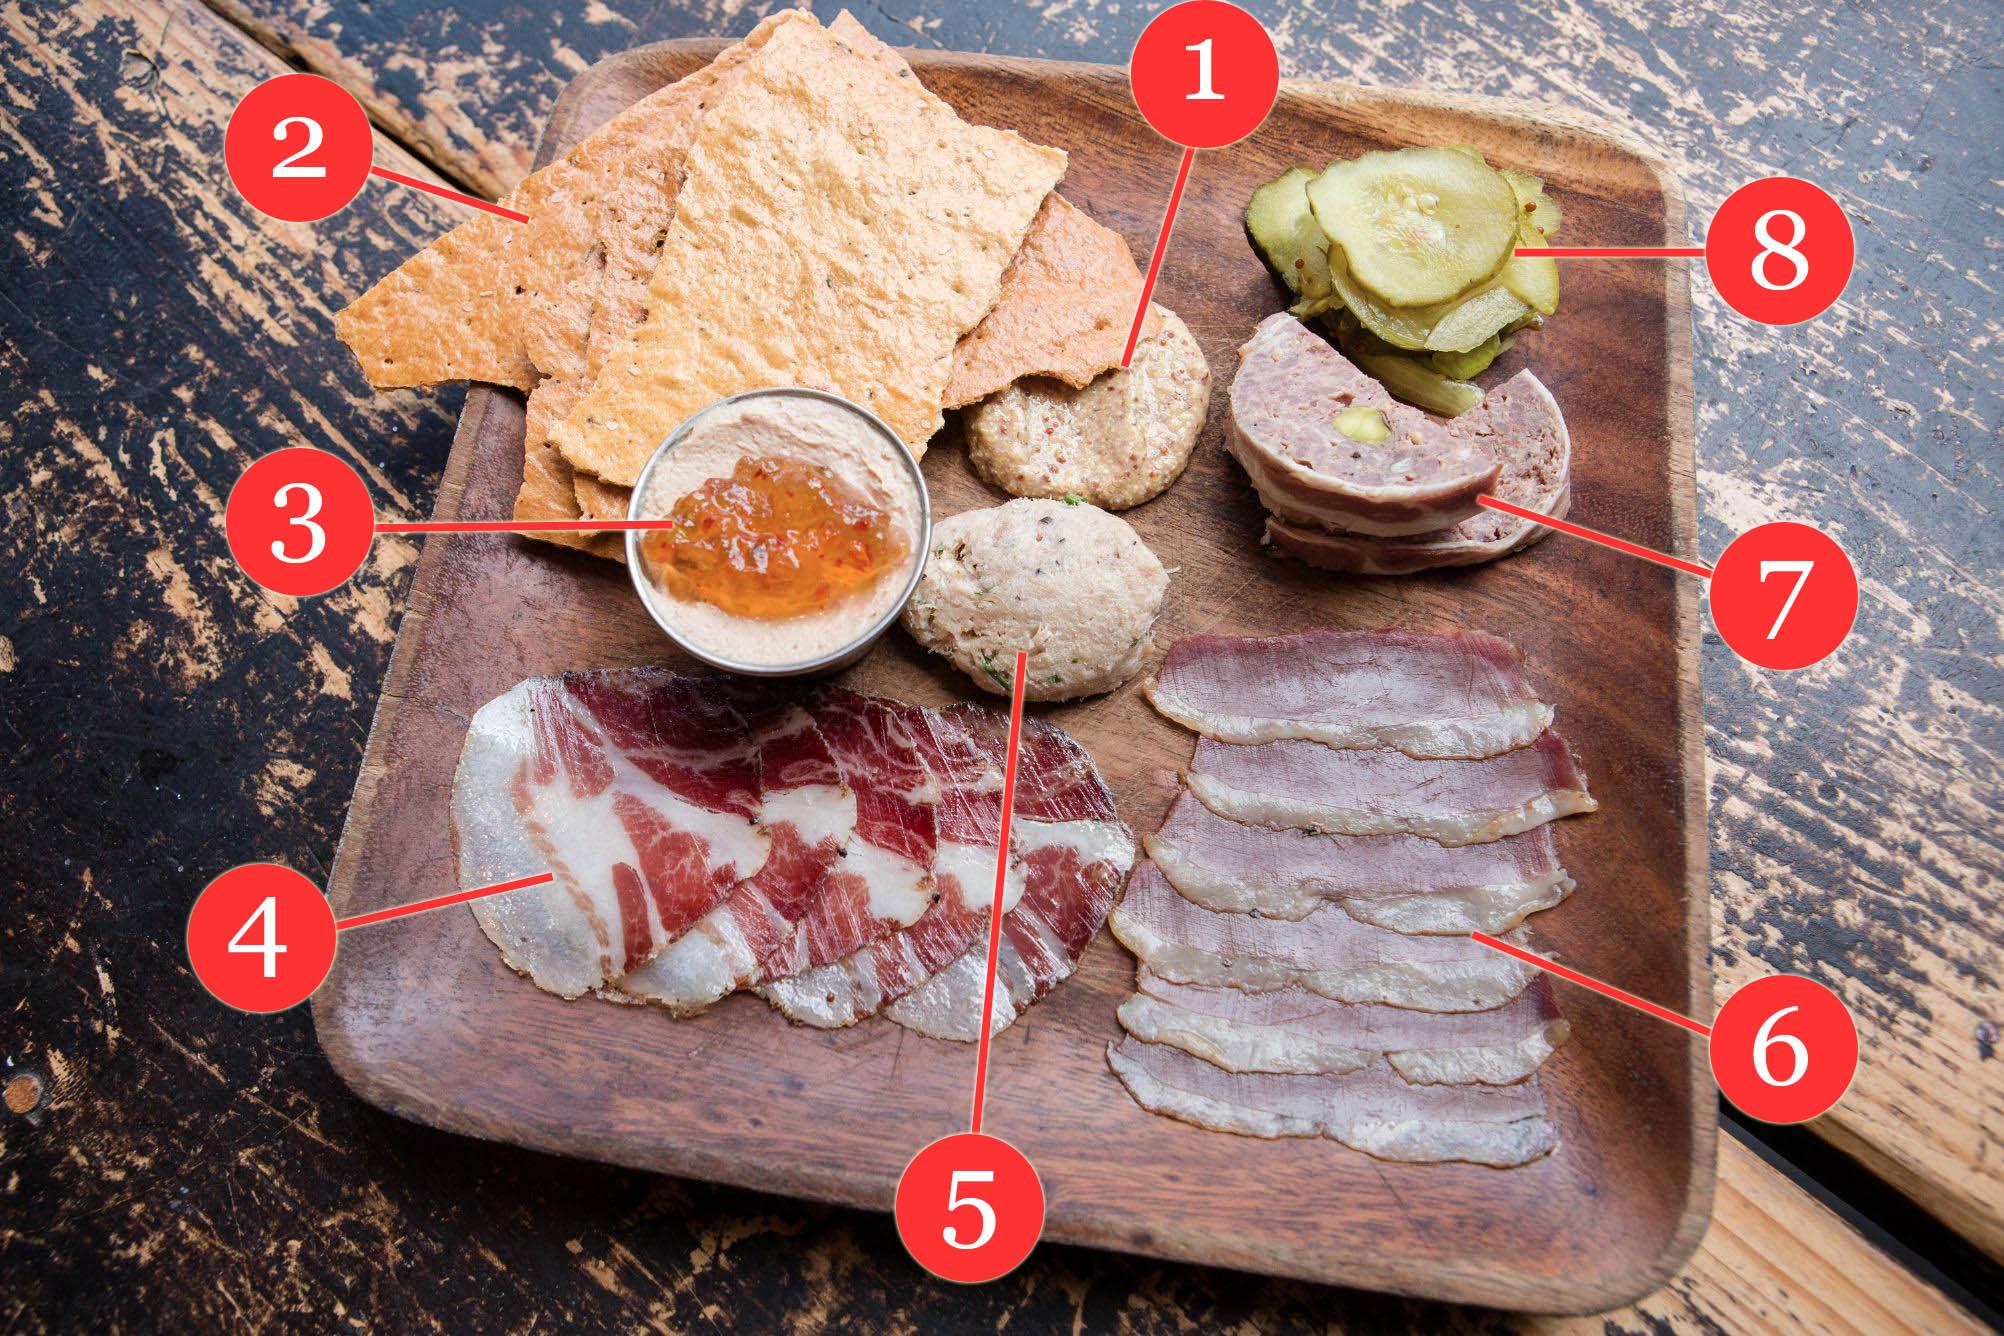 The Charcuterie Board at Cochon Butcher in NOLA